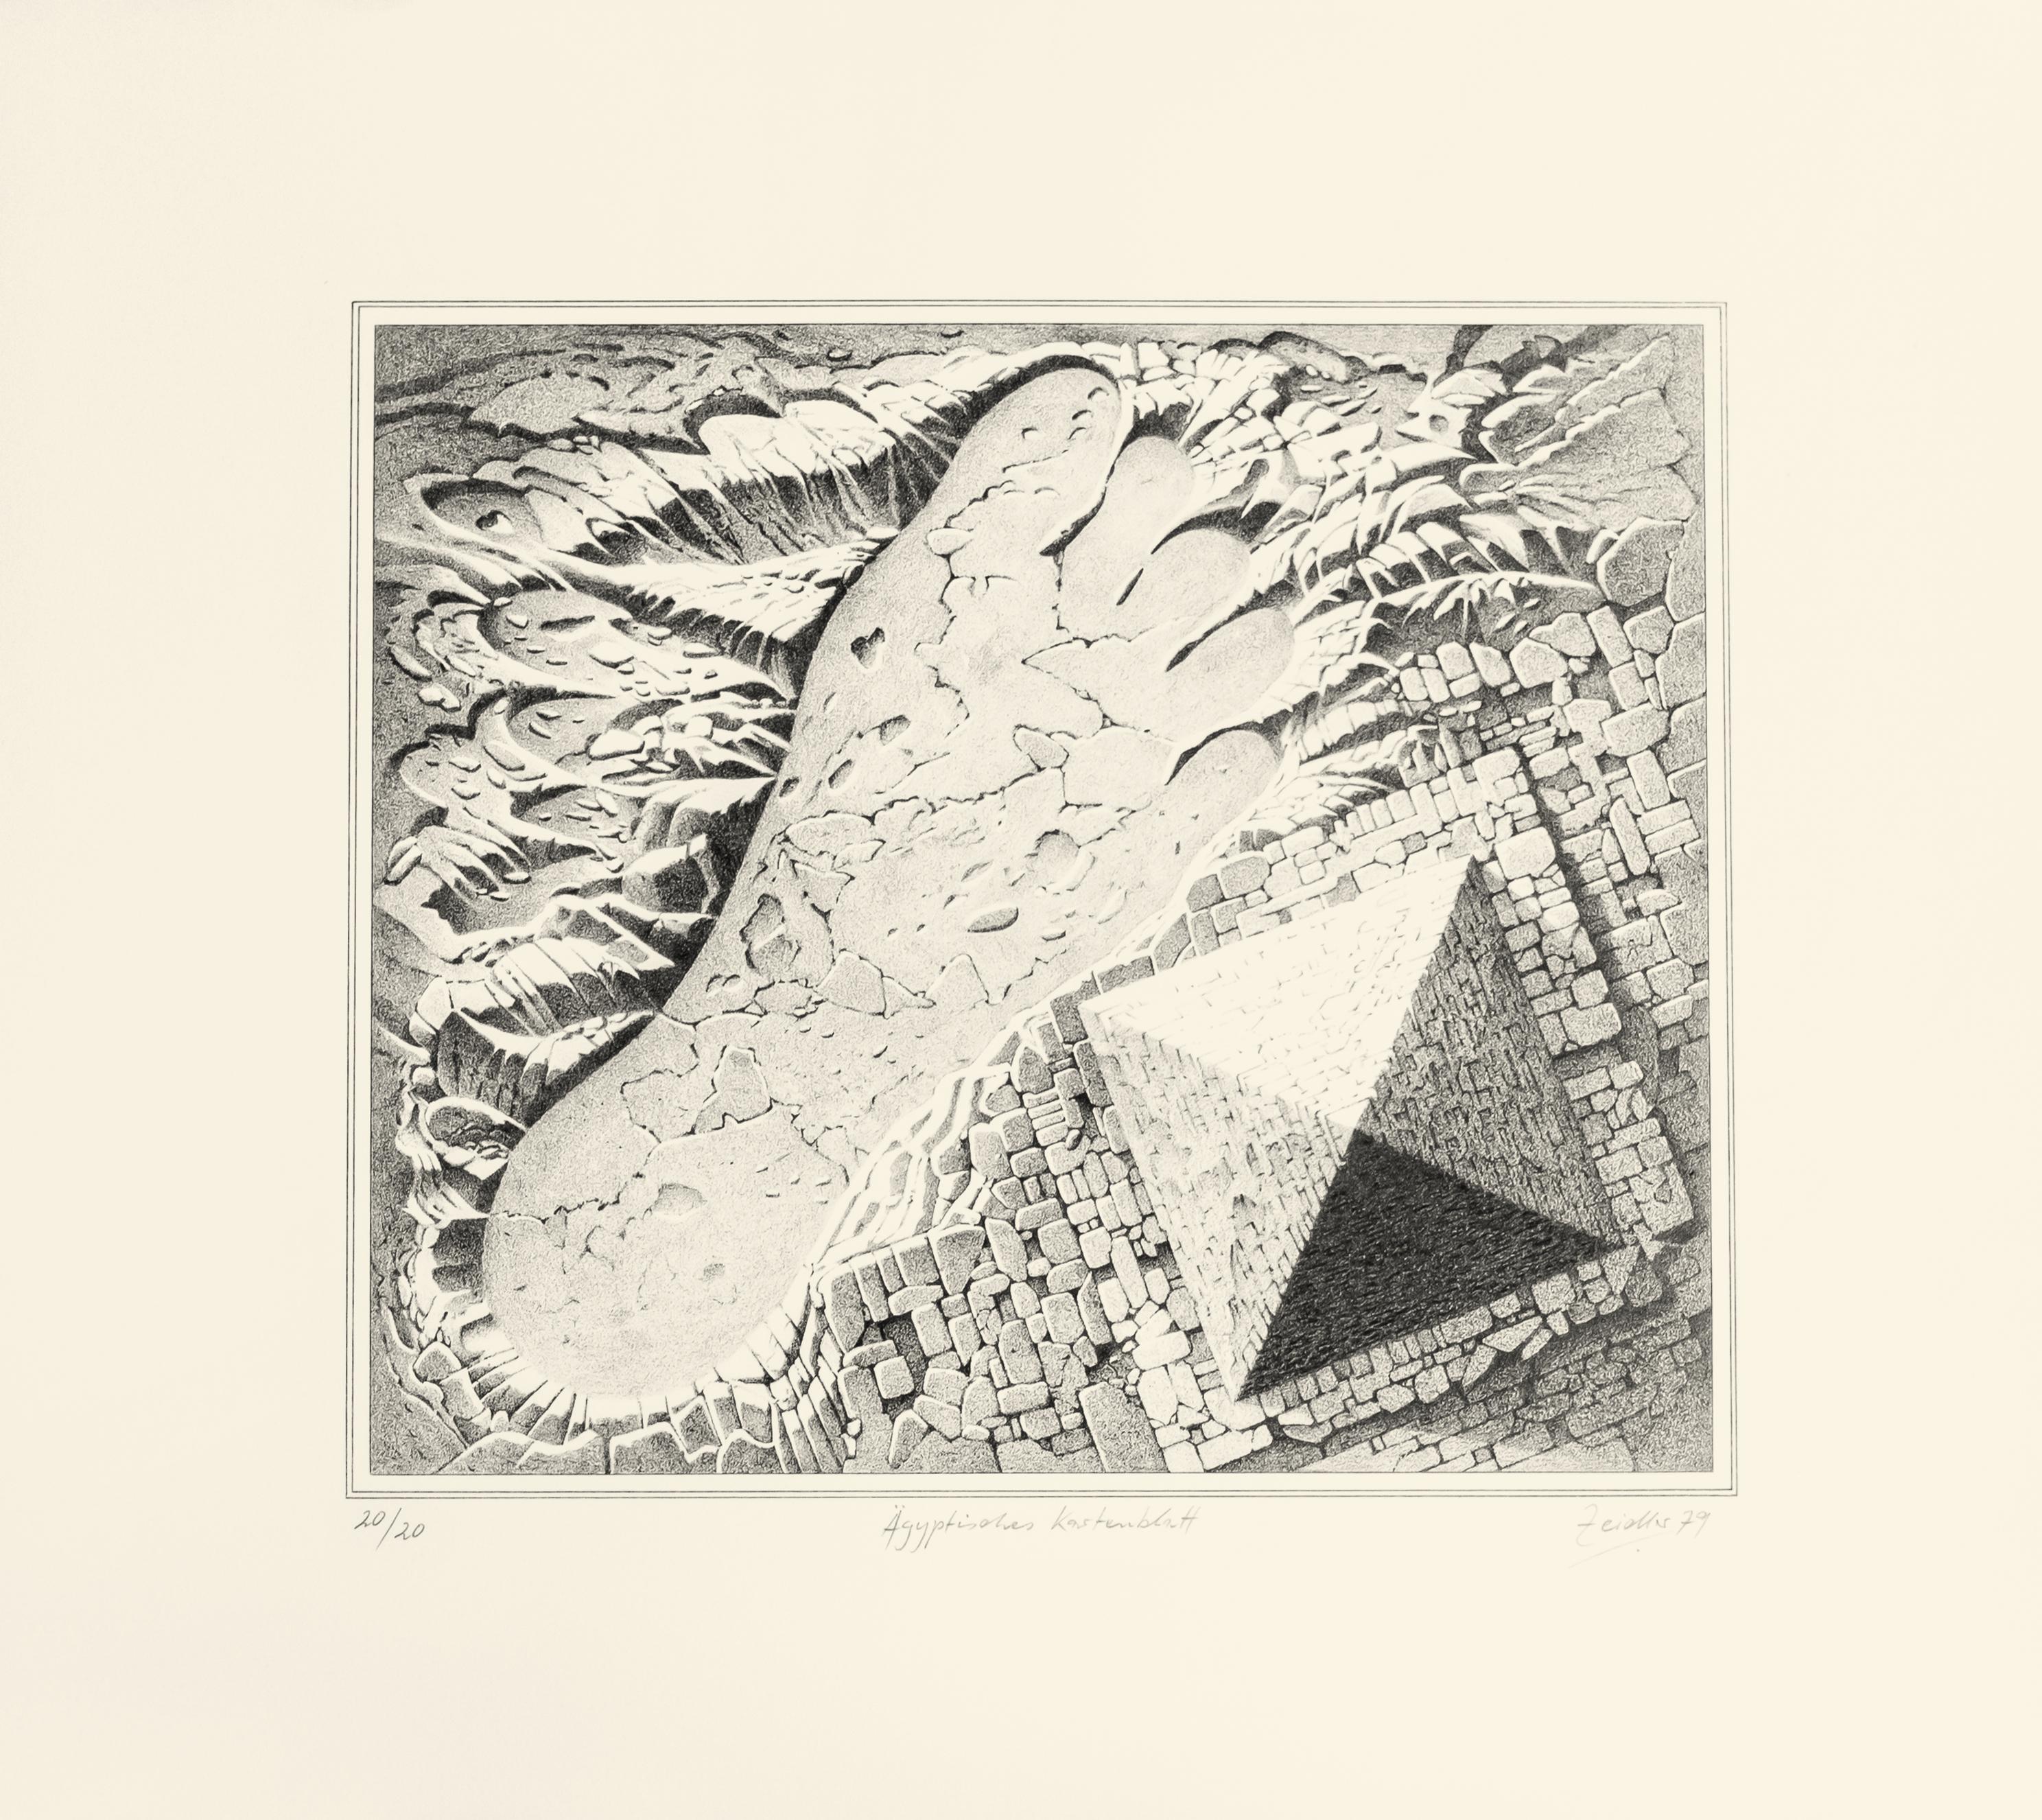 Ägyptisches Kartenblatt